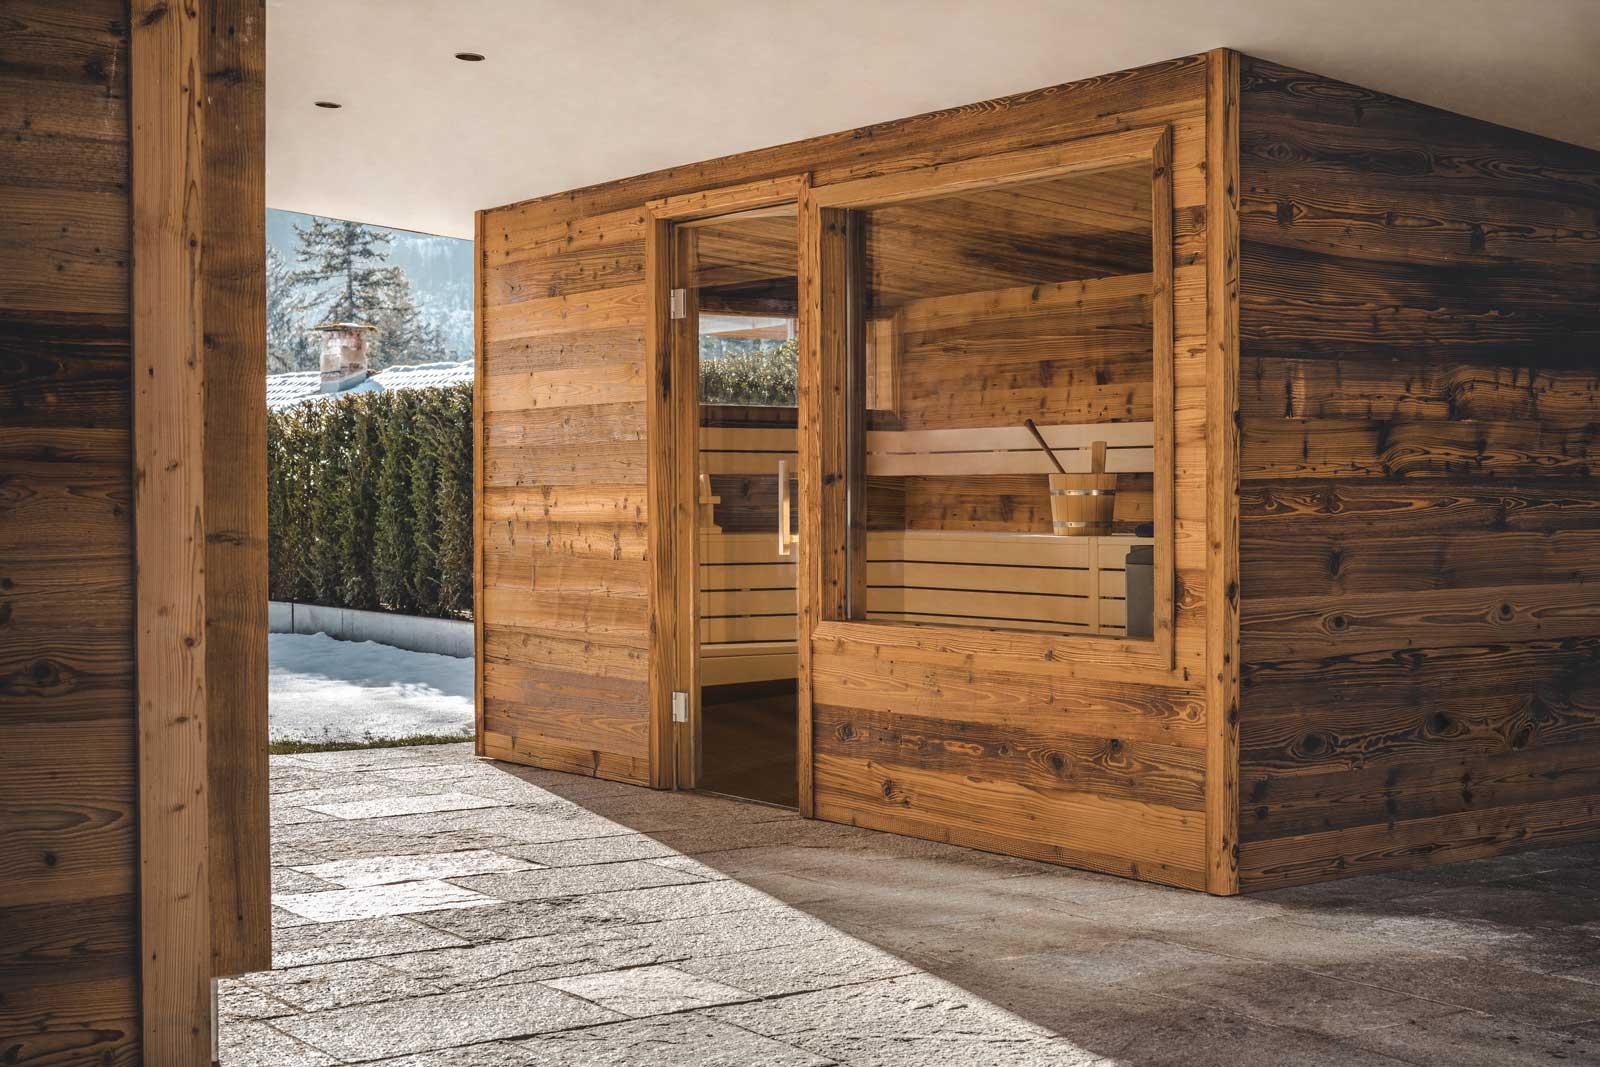 fineheat Referenz Sauna Außensauna